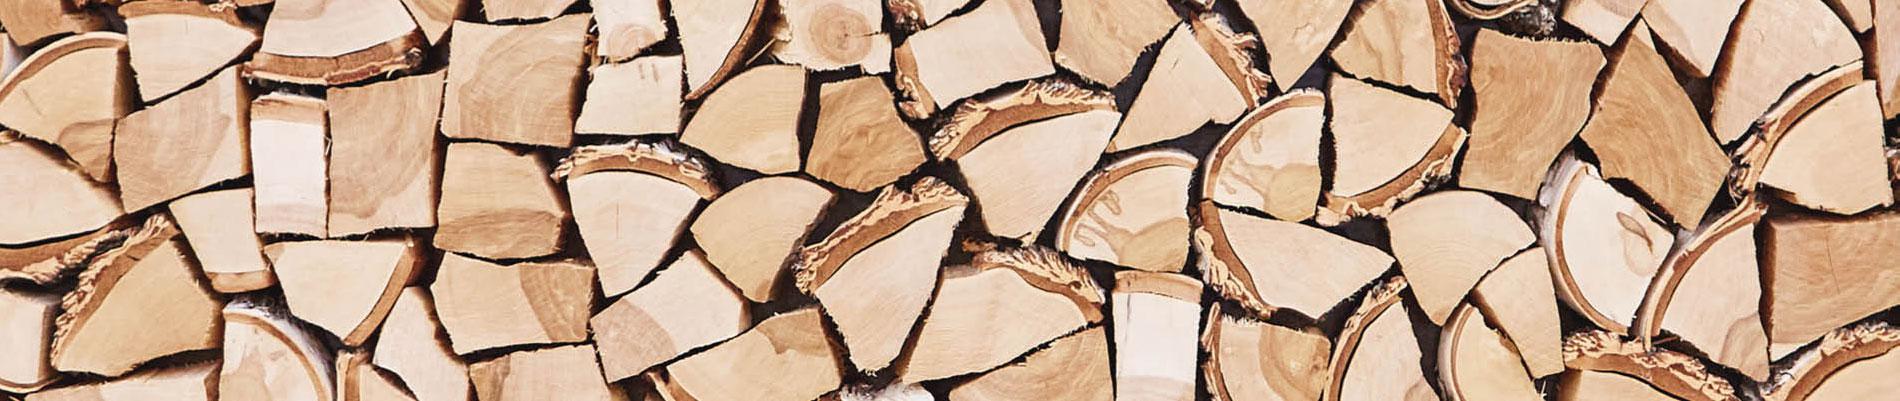 Gemeinsame Brennholz günstig kaufen | Brennholz #TF_37